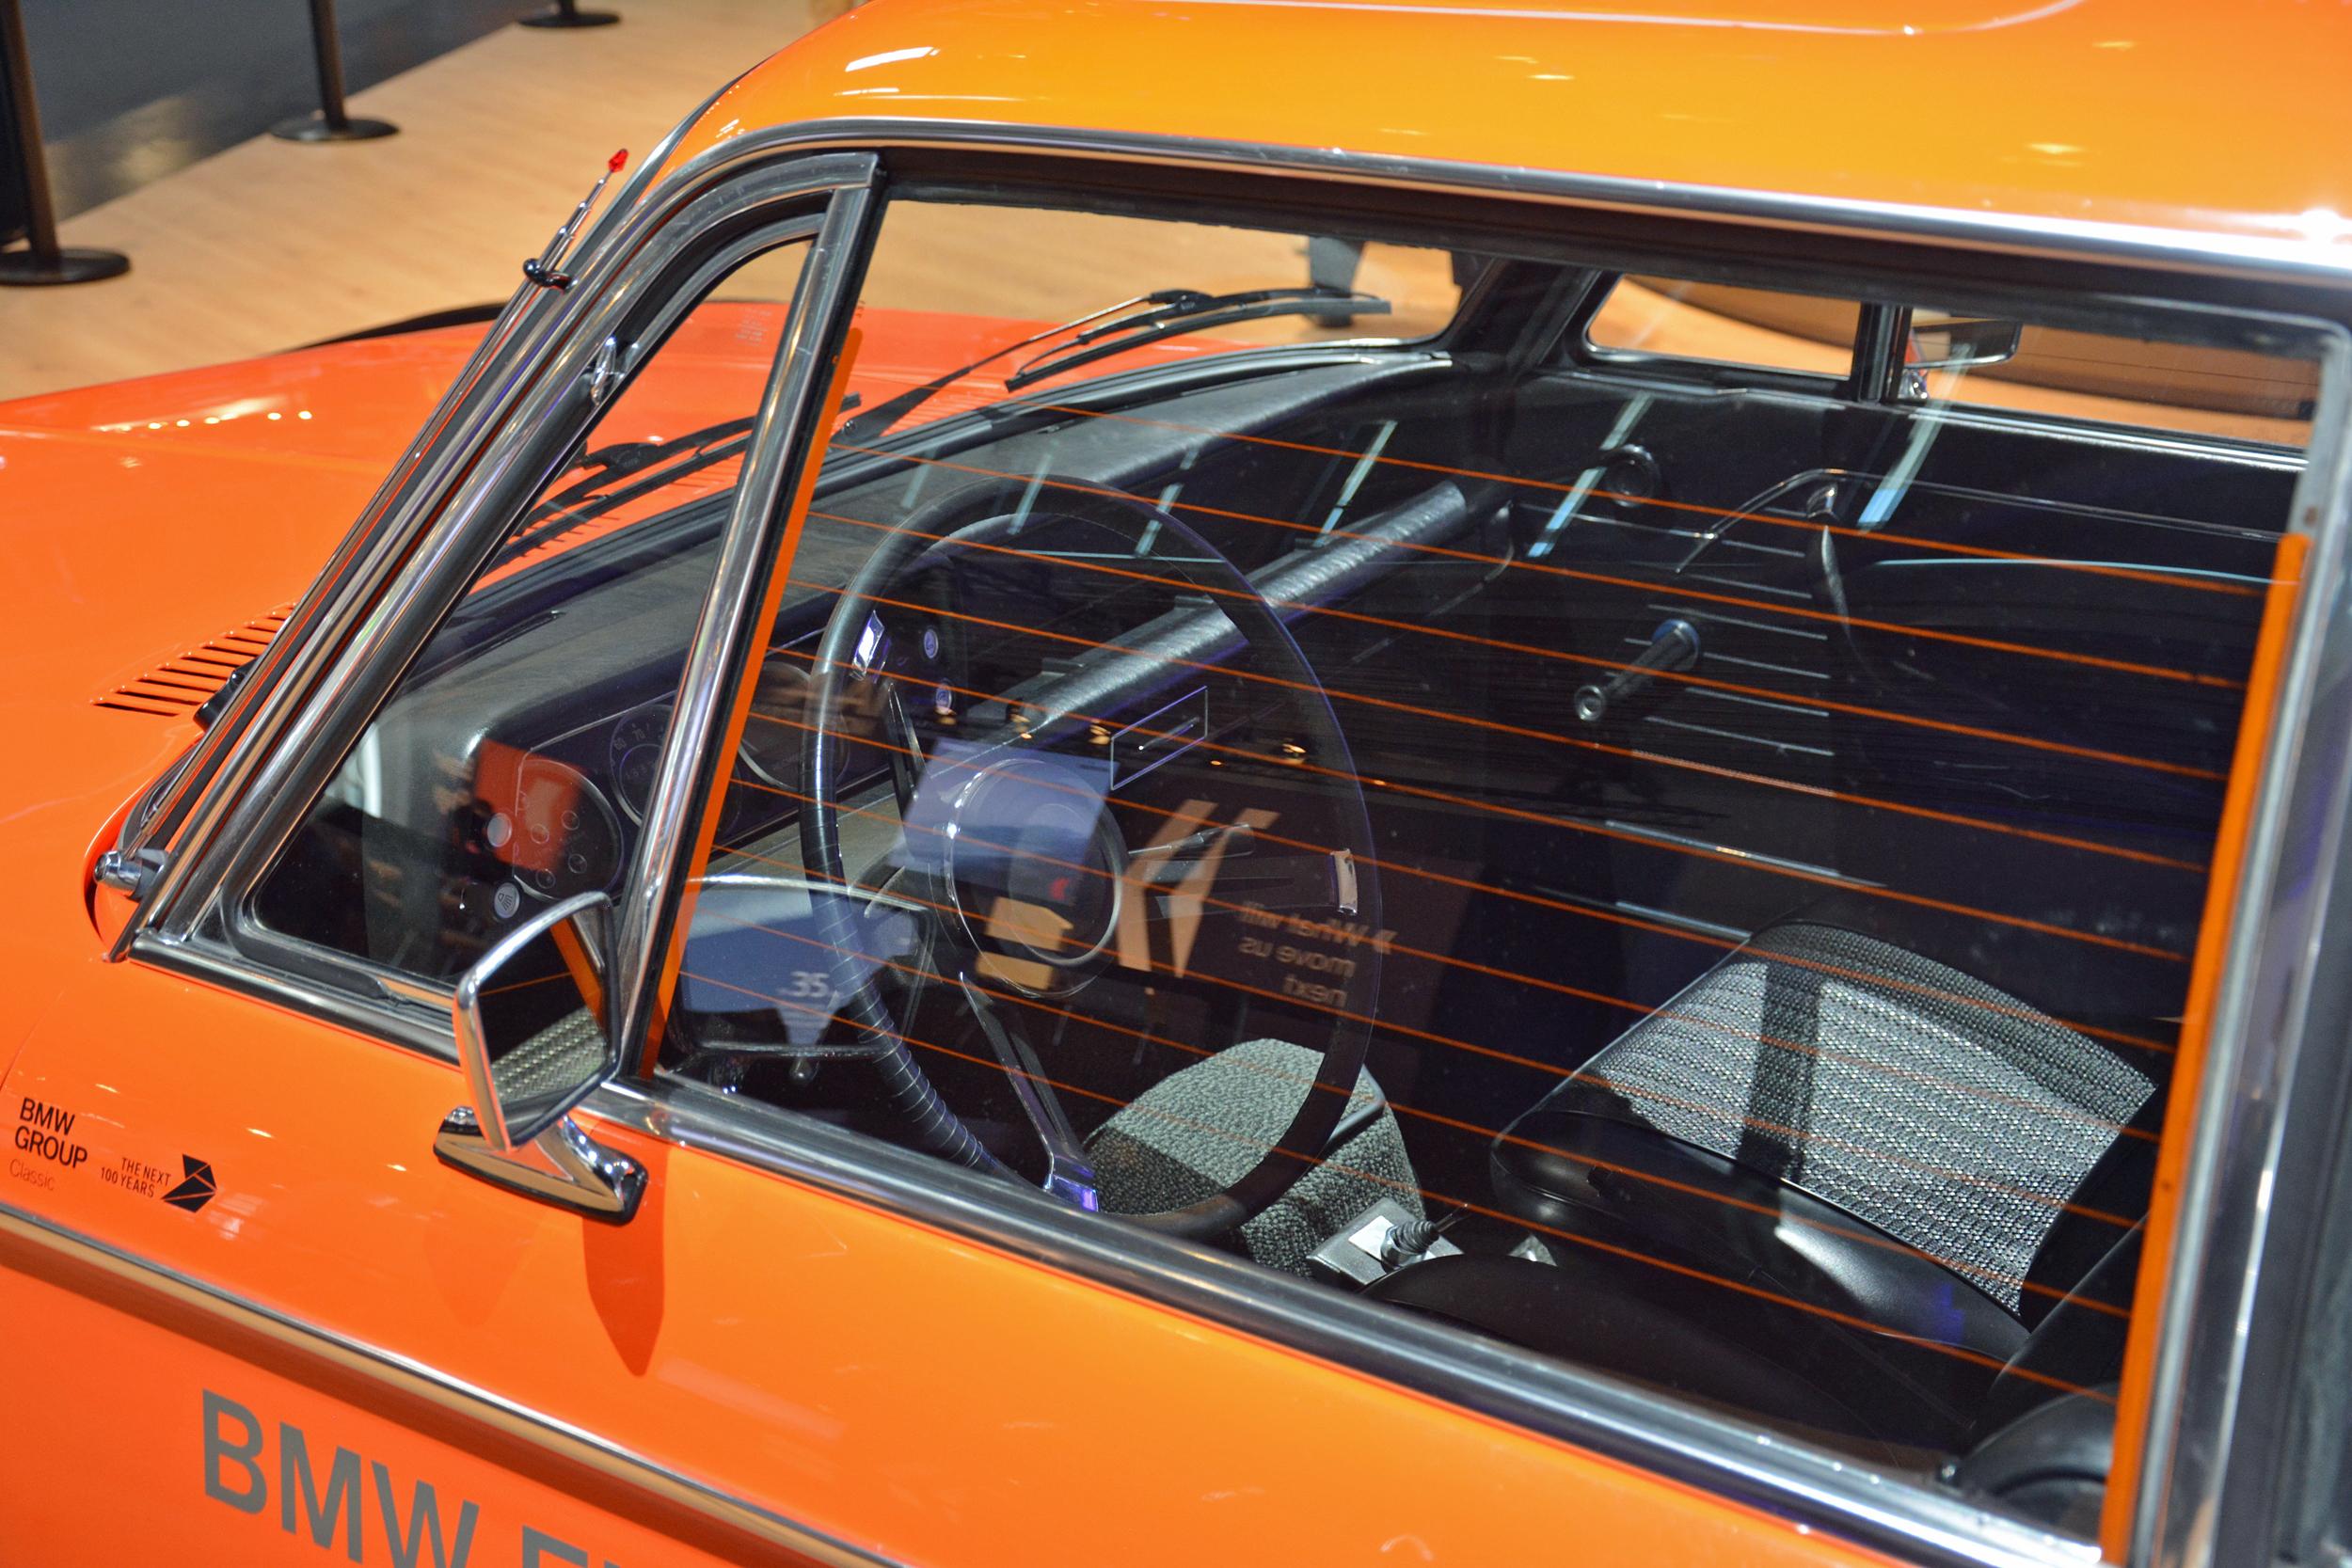 1972 BMW 1602 electric car interior through glass